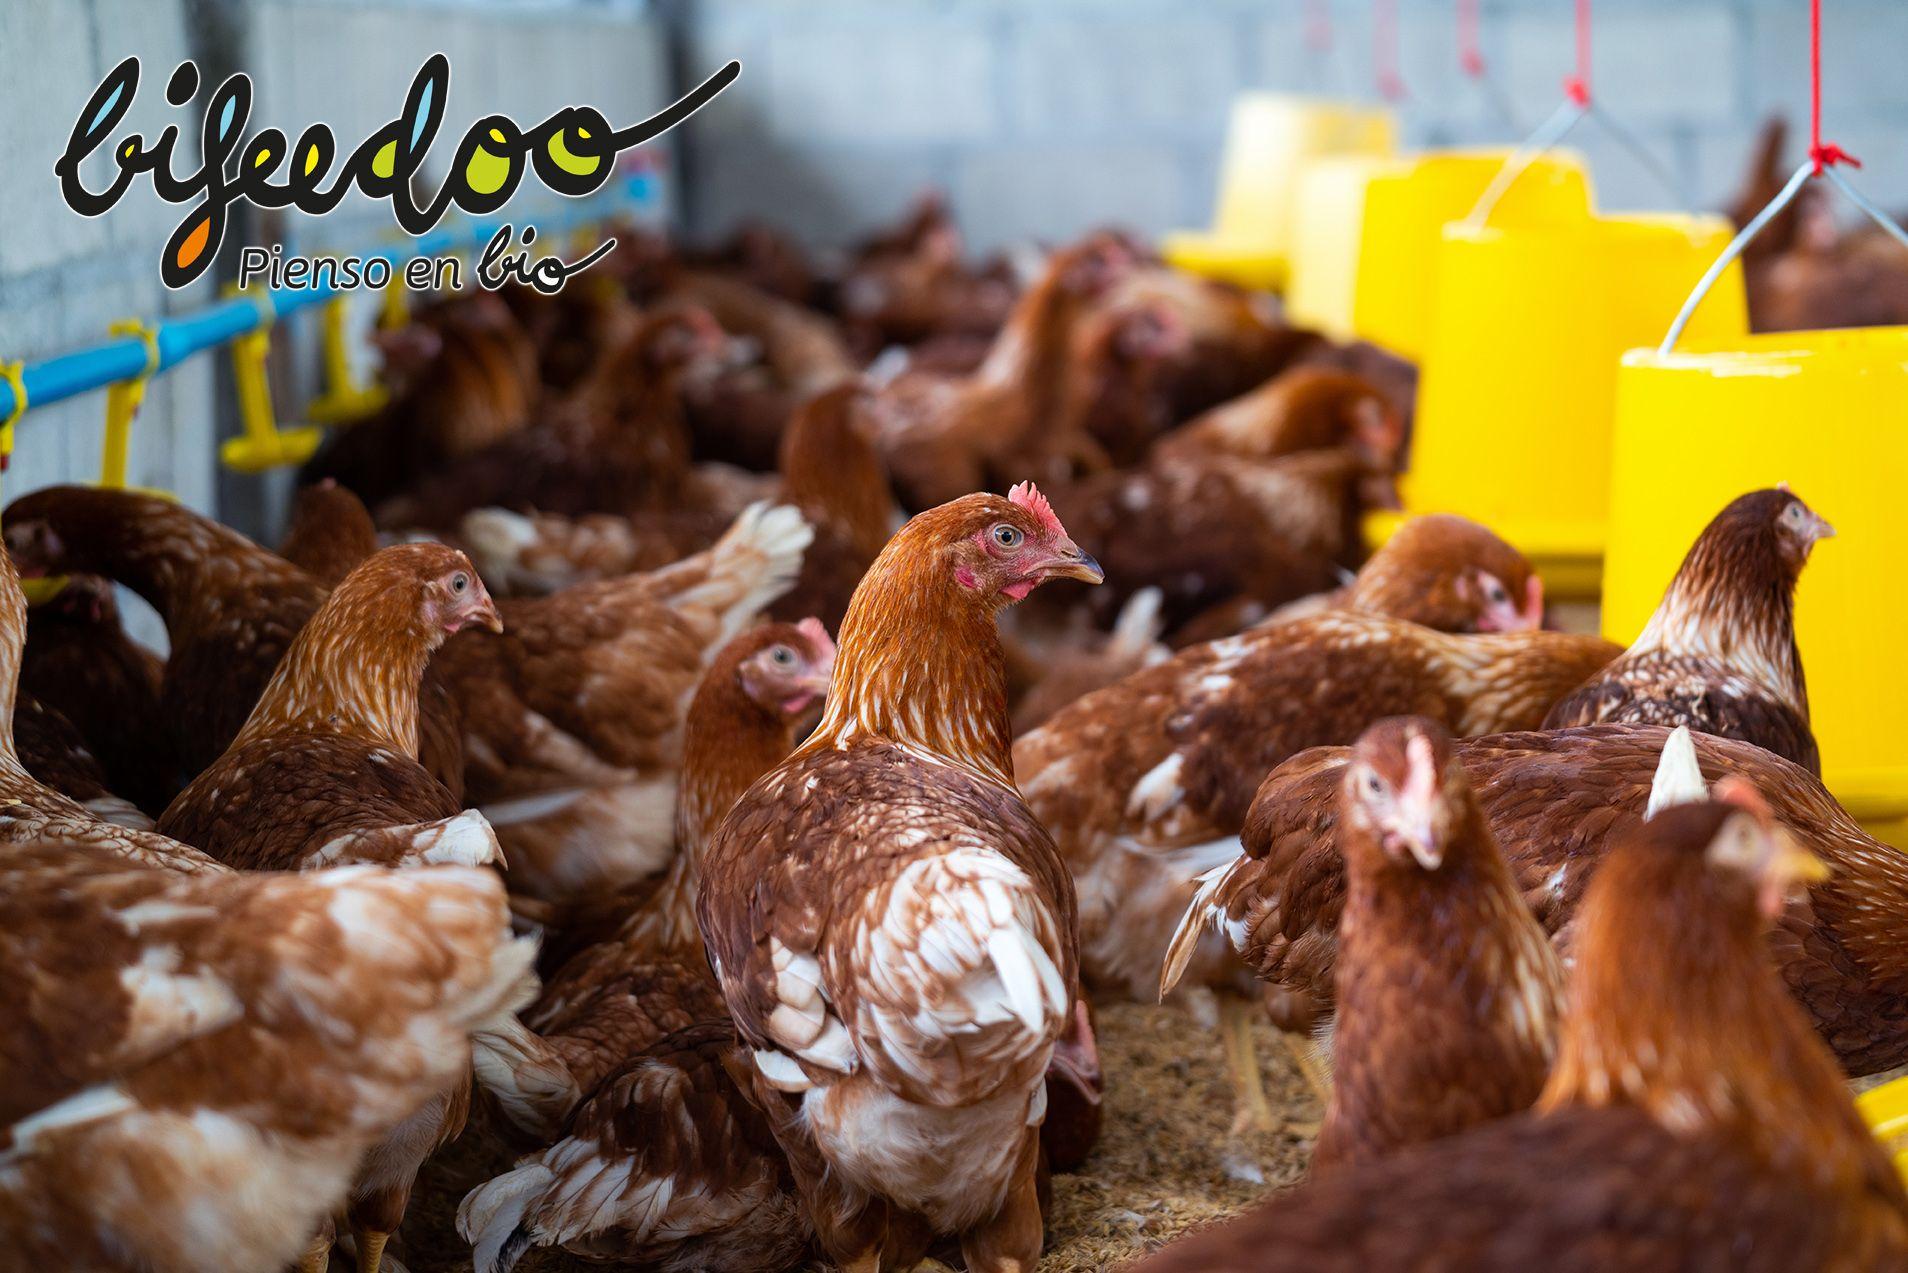 Según Bifeedoo, el pienso ecológico es lo natural para los animales